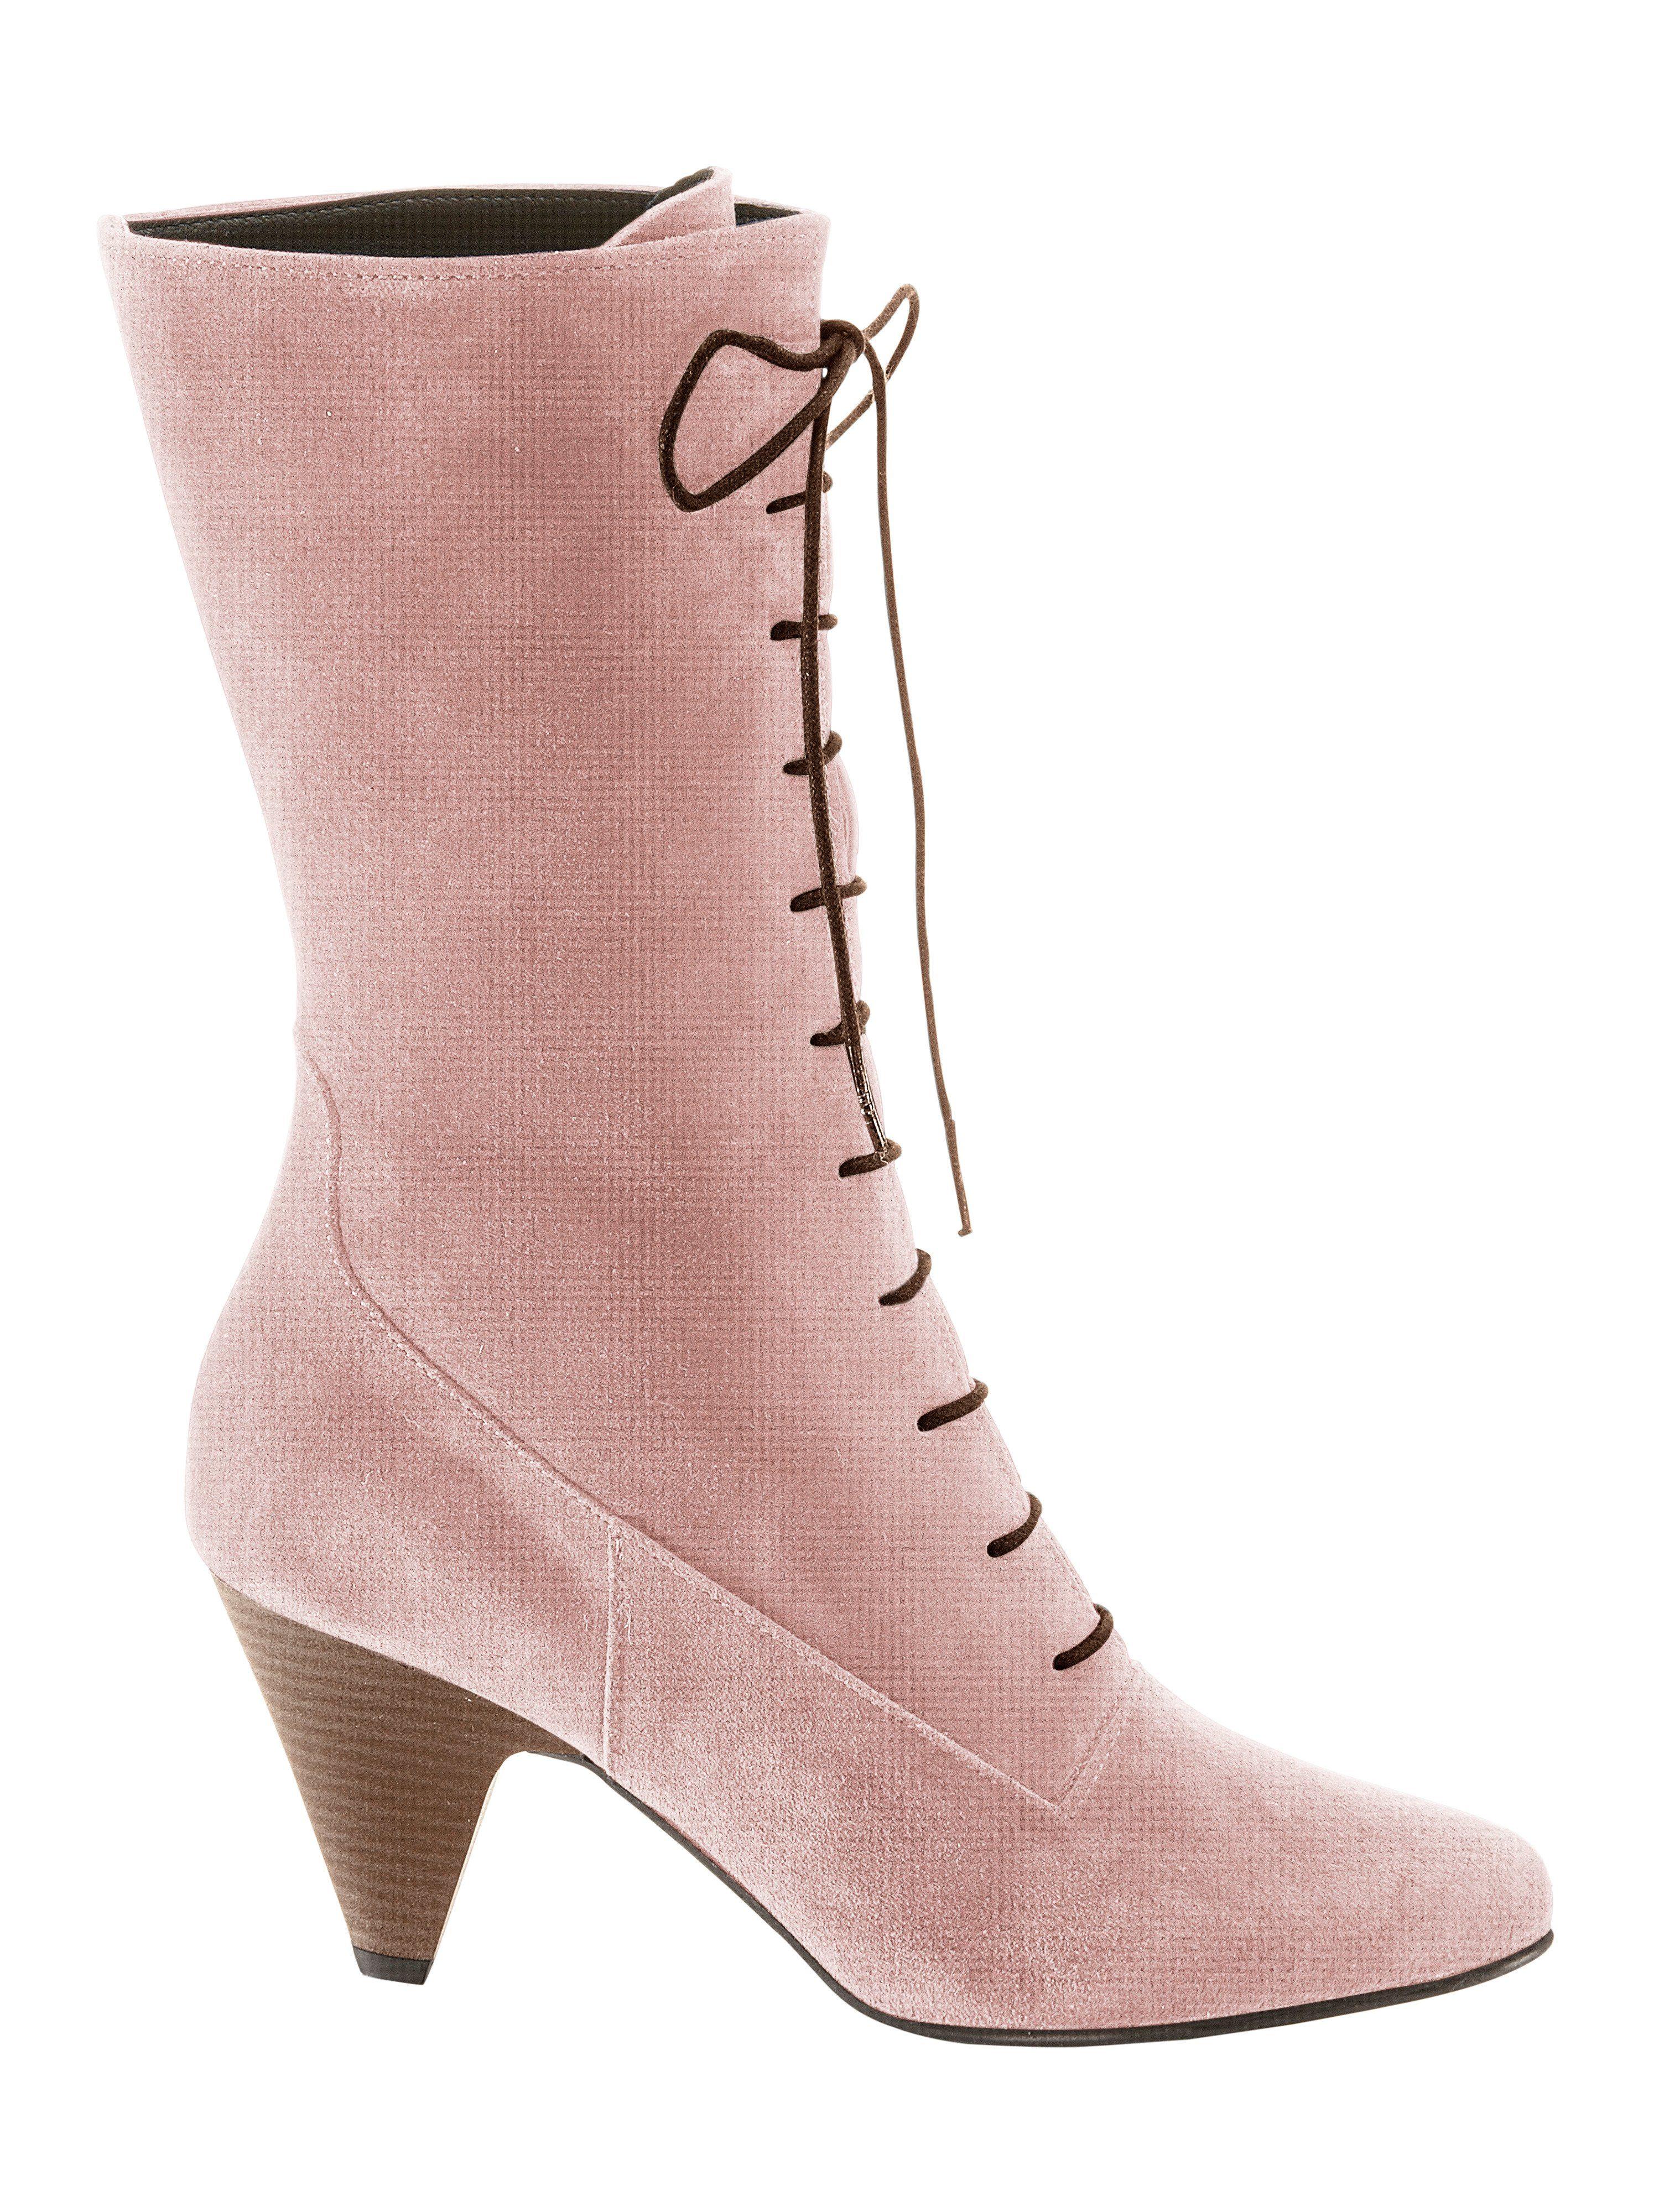 Chaussures Roses Marco Tozzi Avec Nez Pointu Pour Les Femmes iA8UGh5tsZ